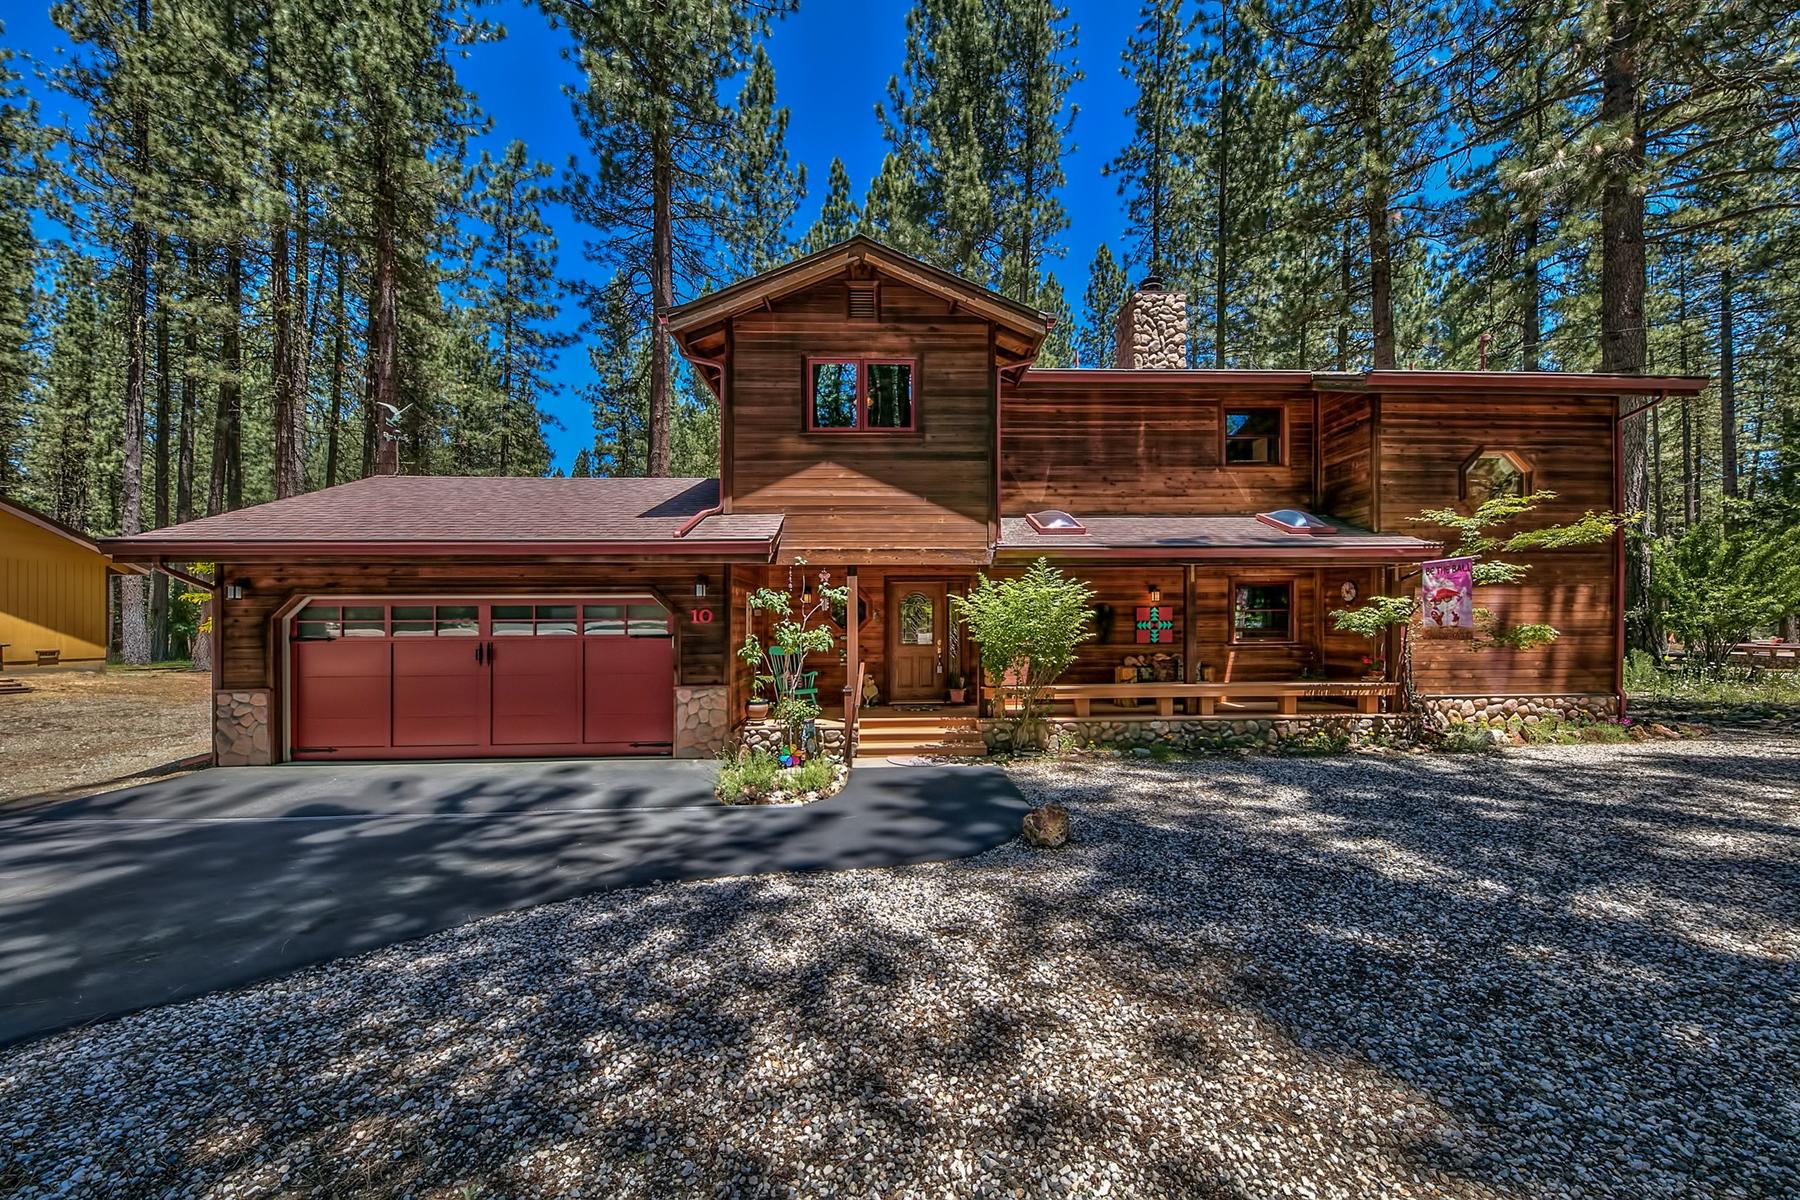 独户住宅 为 销售 在 10 W. Chilula Trail, Graeagle CA, 96103 10 W. Chilula Trail Graeagle, 加利福尼亚州 96103 美国